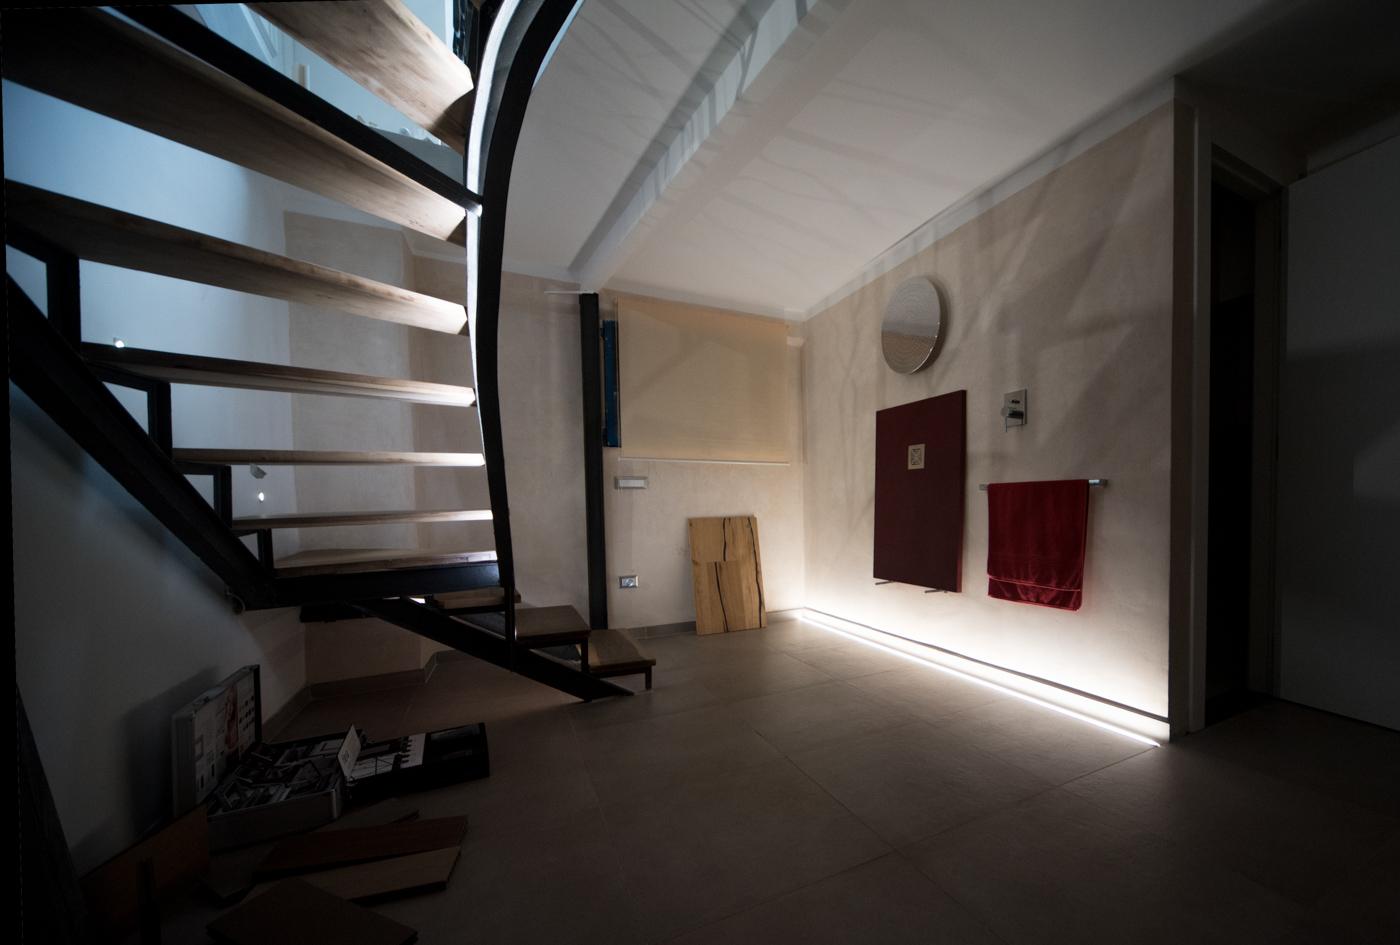 valentina solera, architetto, interior, ristrutturazione, genova, liguria, italy, interior5-6.jpg